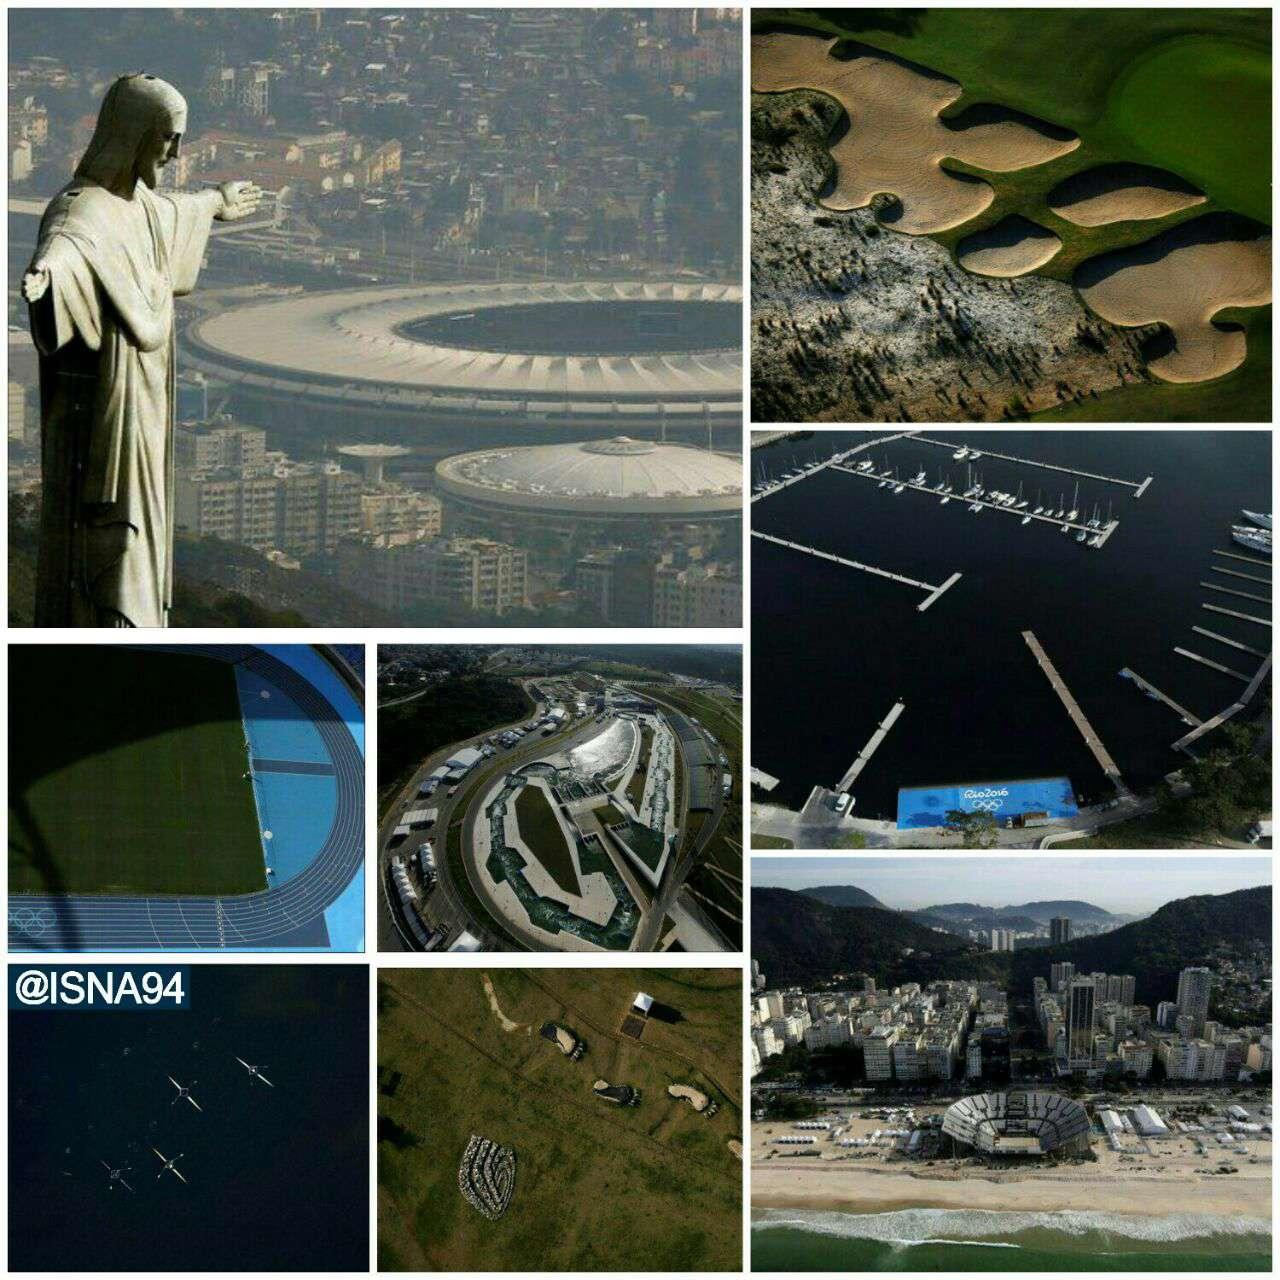 عکسهای هوایی ازمحل برگزاری بازیهای المپیک ریودوژانیرو